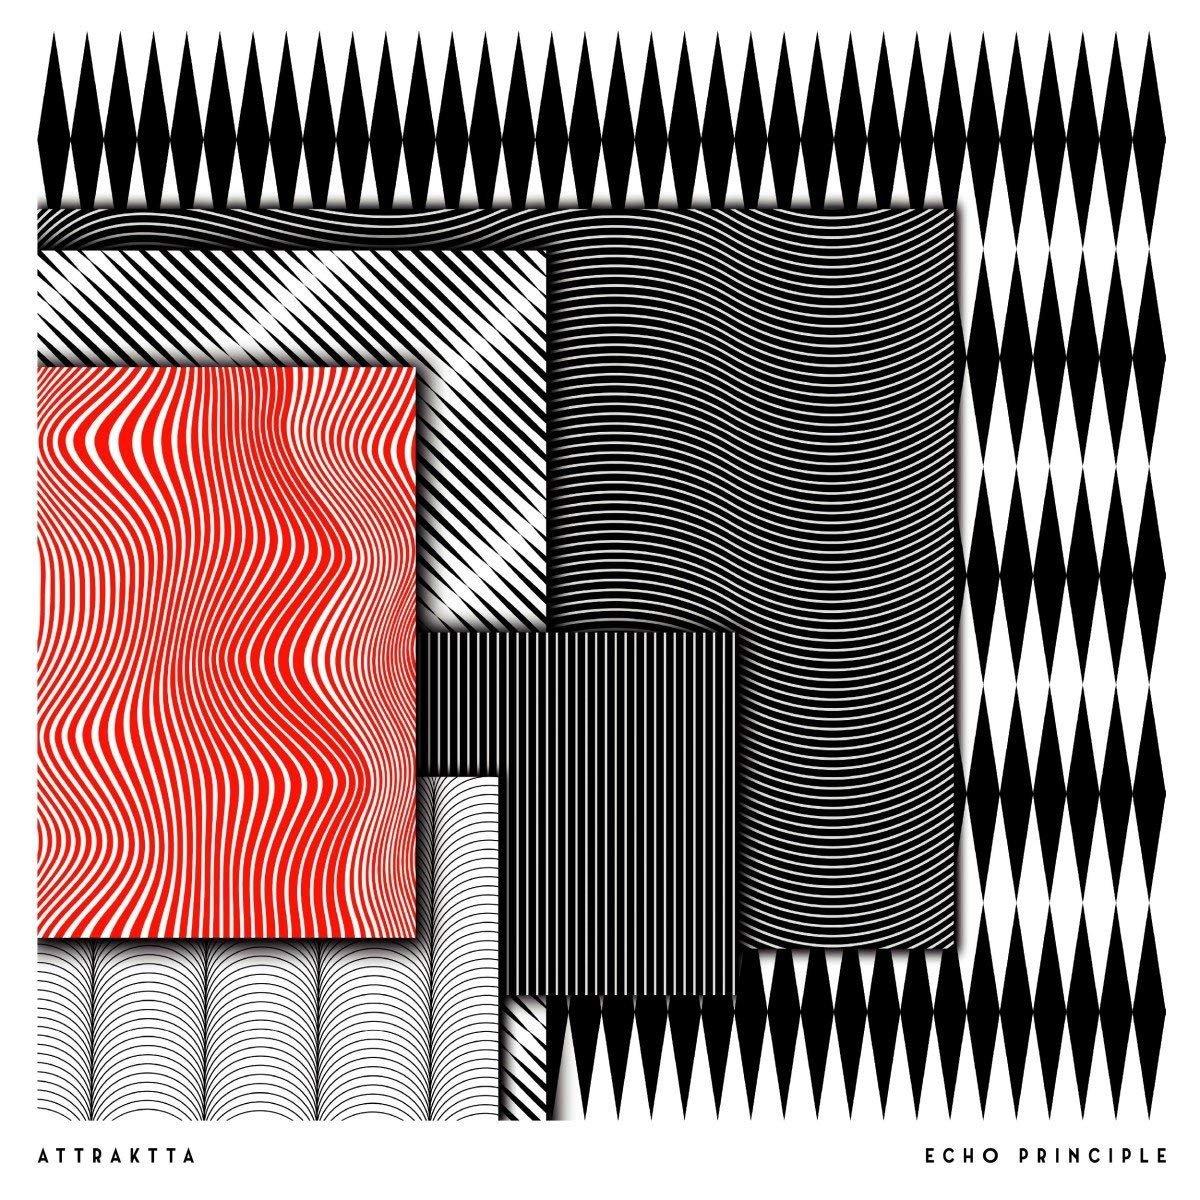 Vinilo : Attraktta - Echo Principle (LP Vinyl)